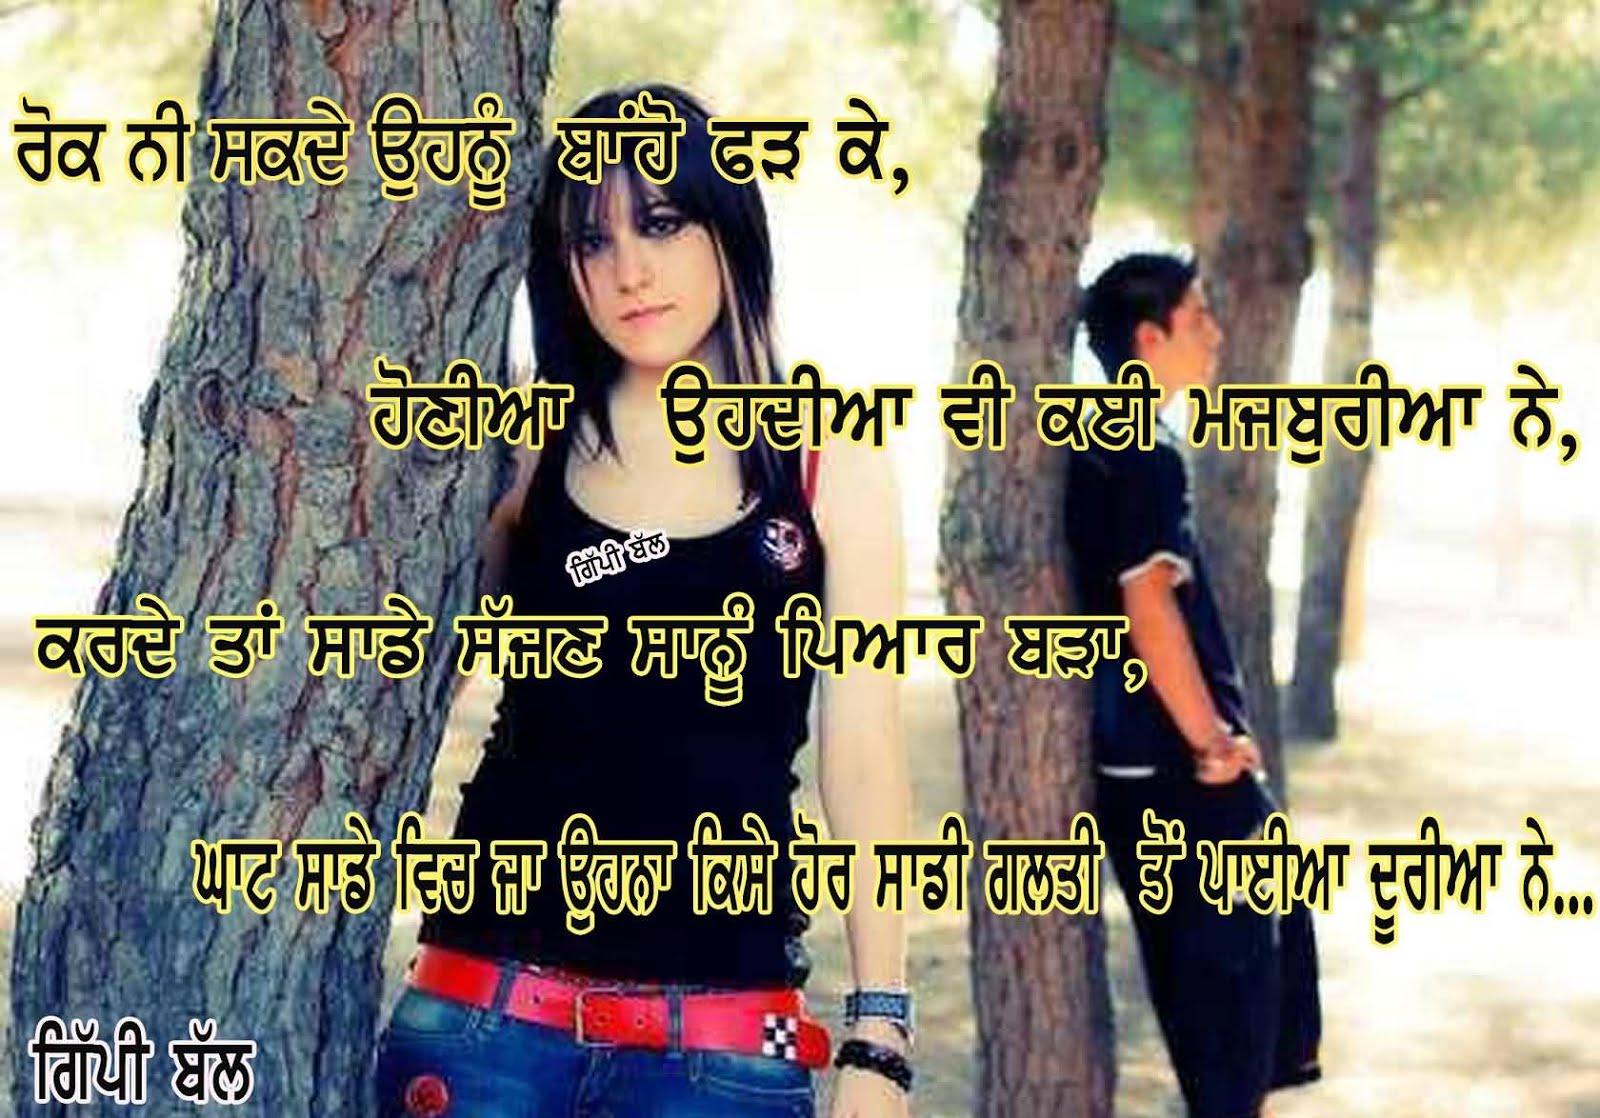 Sad Punjabi Shayari Comments, Status, Quotes For Facebook | Scraps 4 U ...